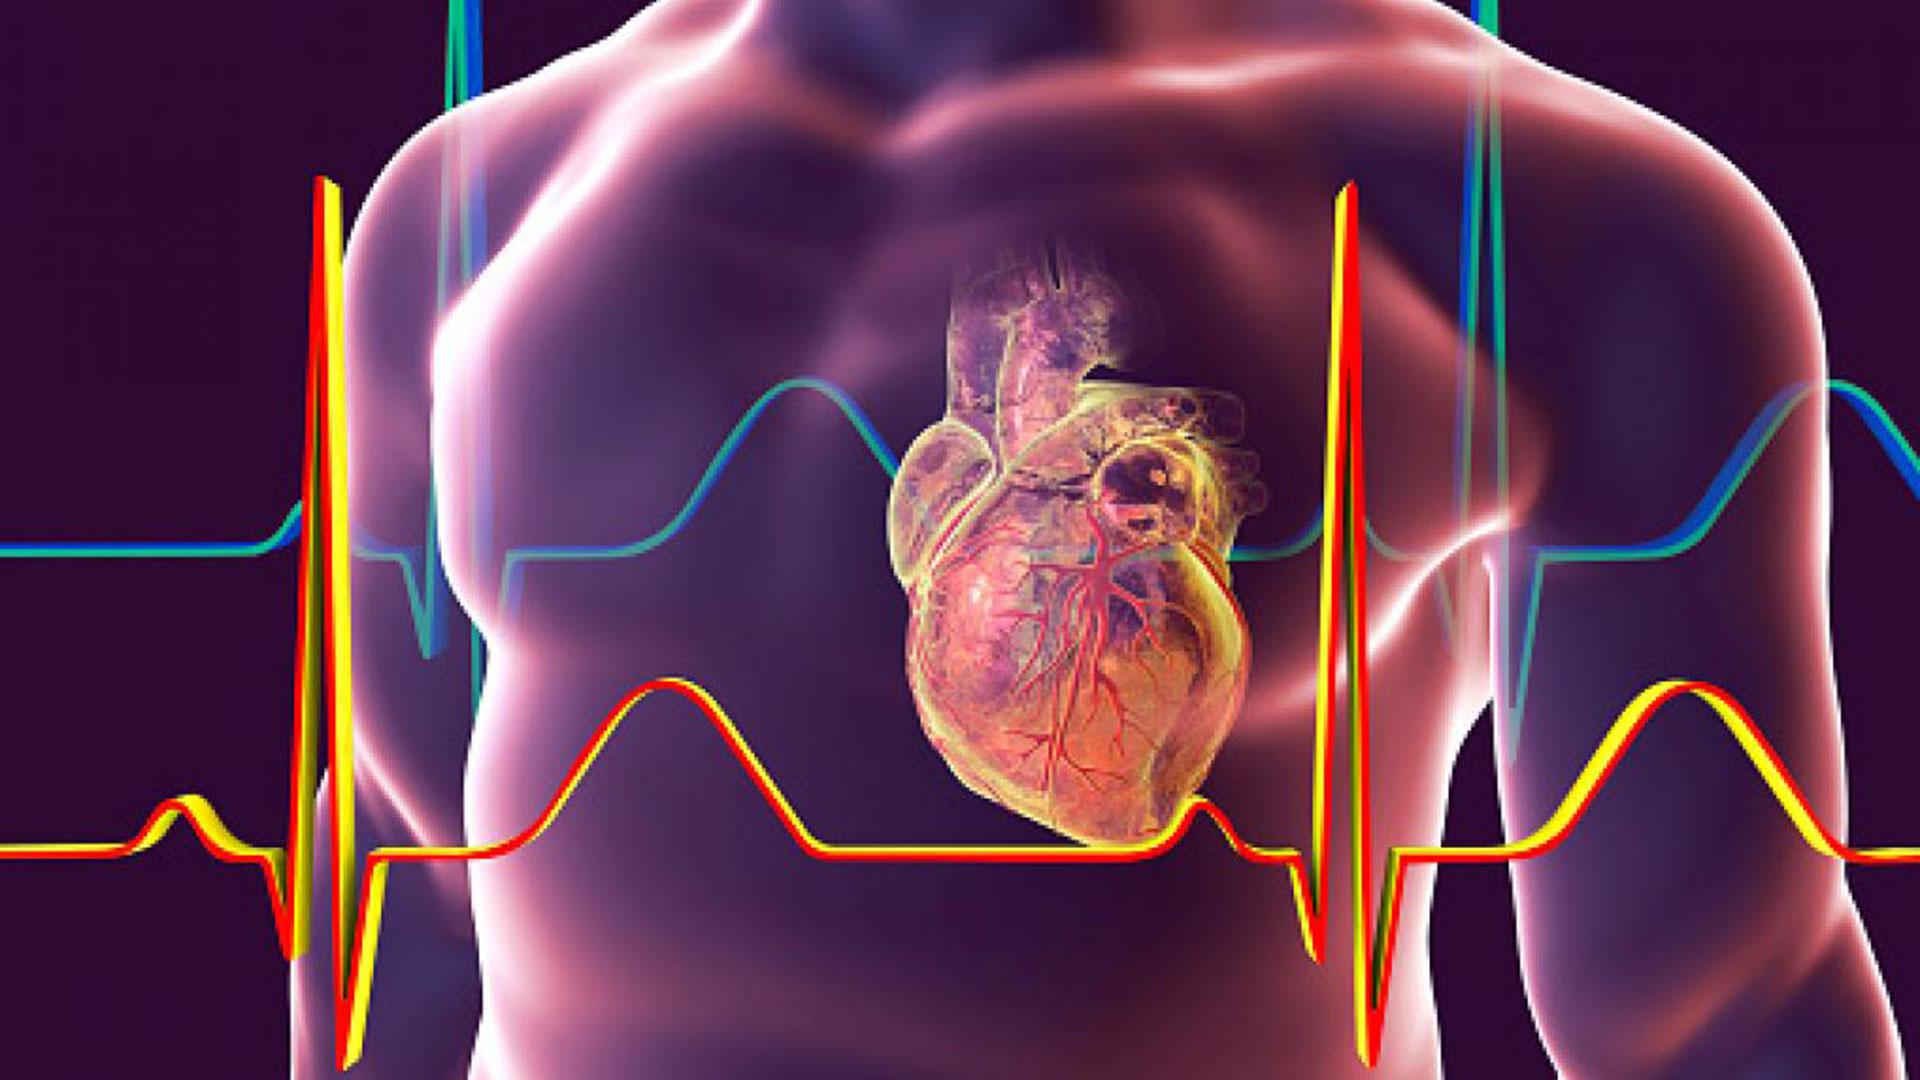 ¿Cómo se utilizan las estadísticas de hipertensión pulmonar?